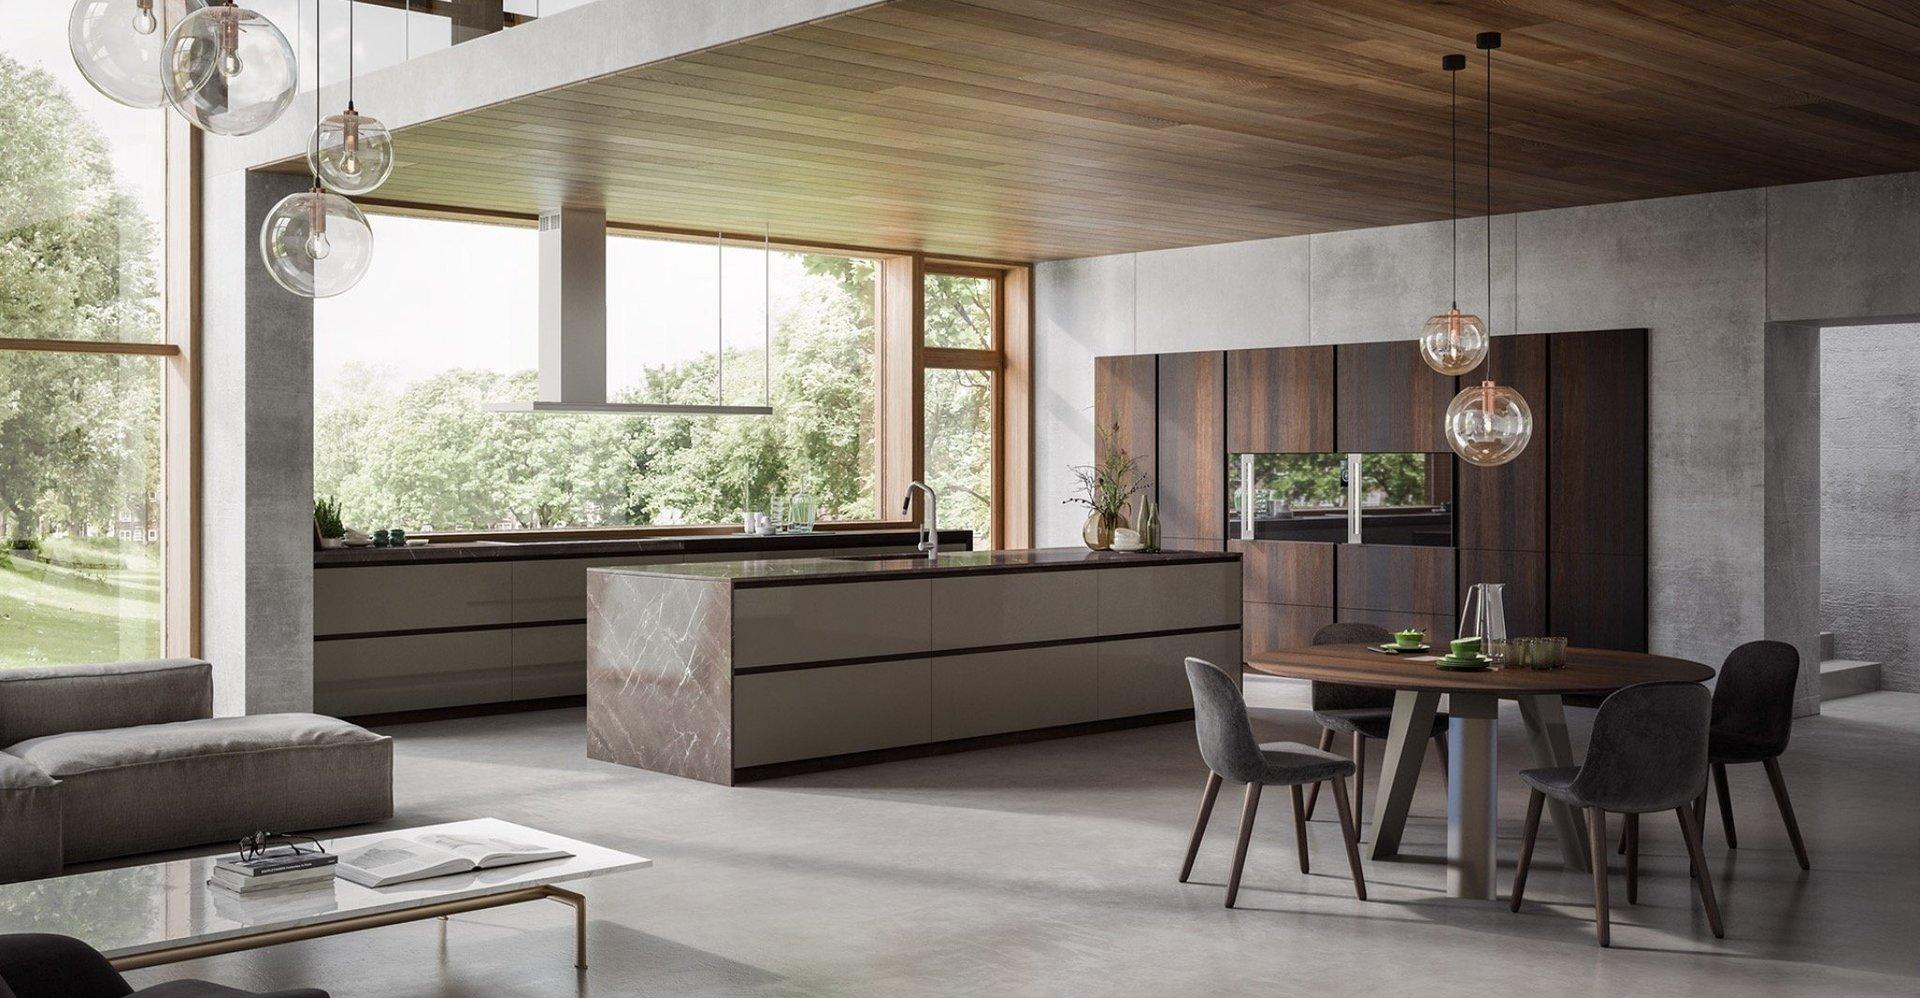 un tavolo in legno con delle sedie moderne